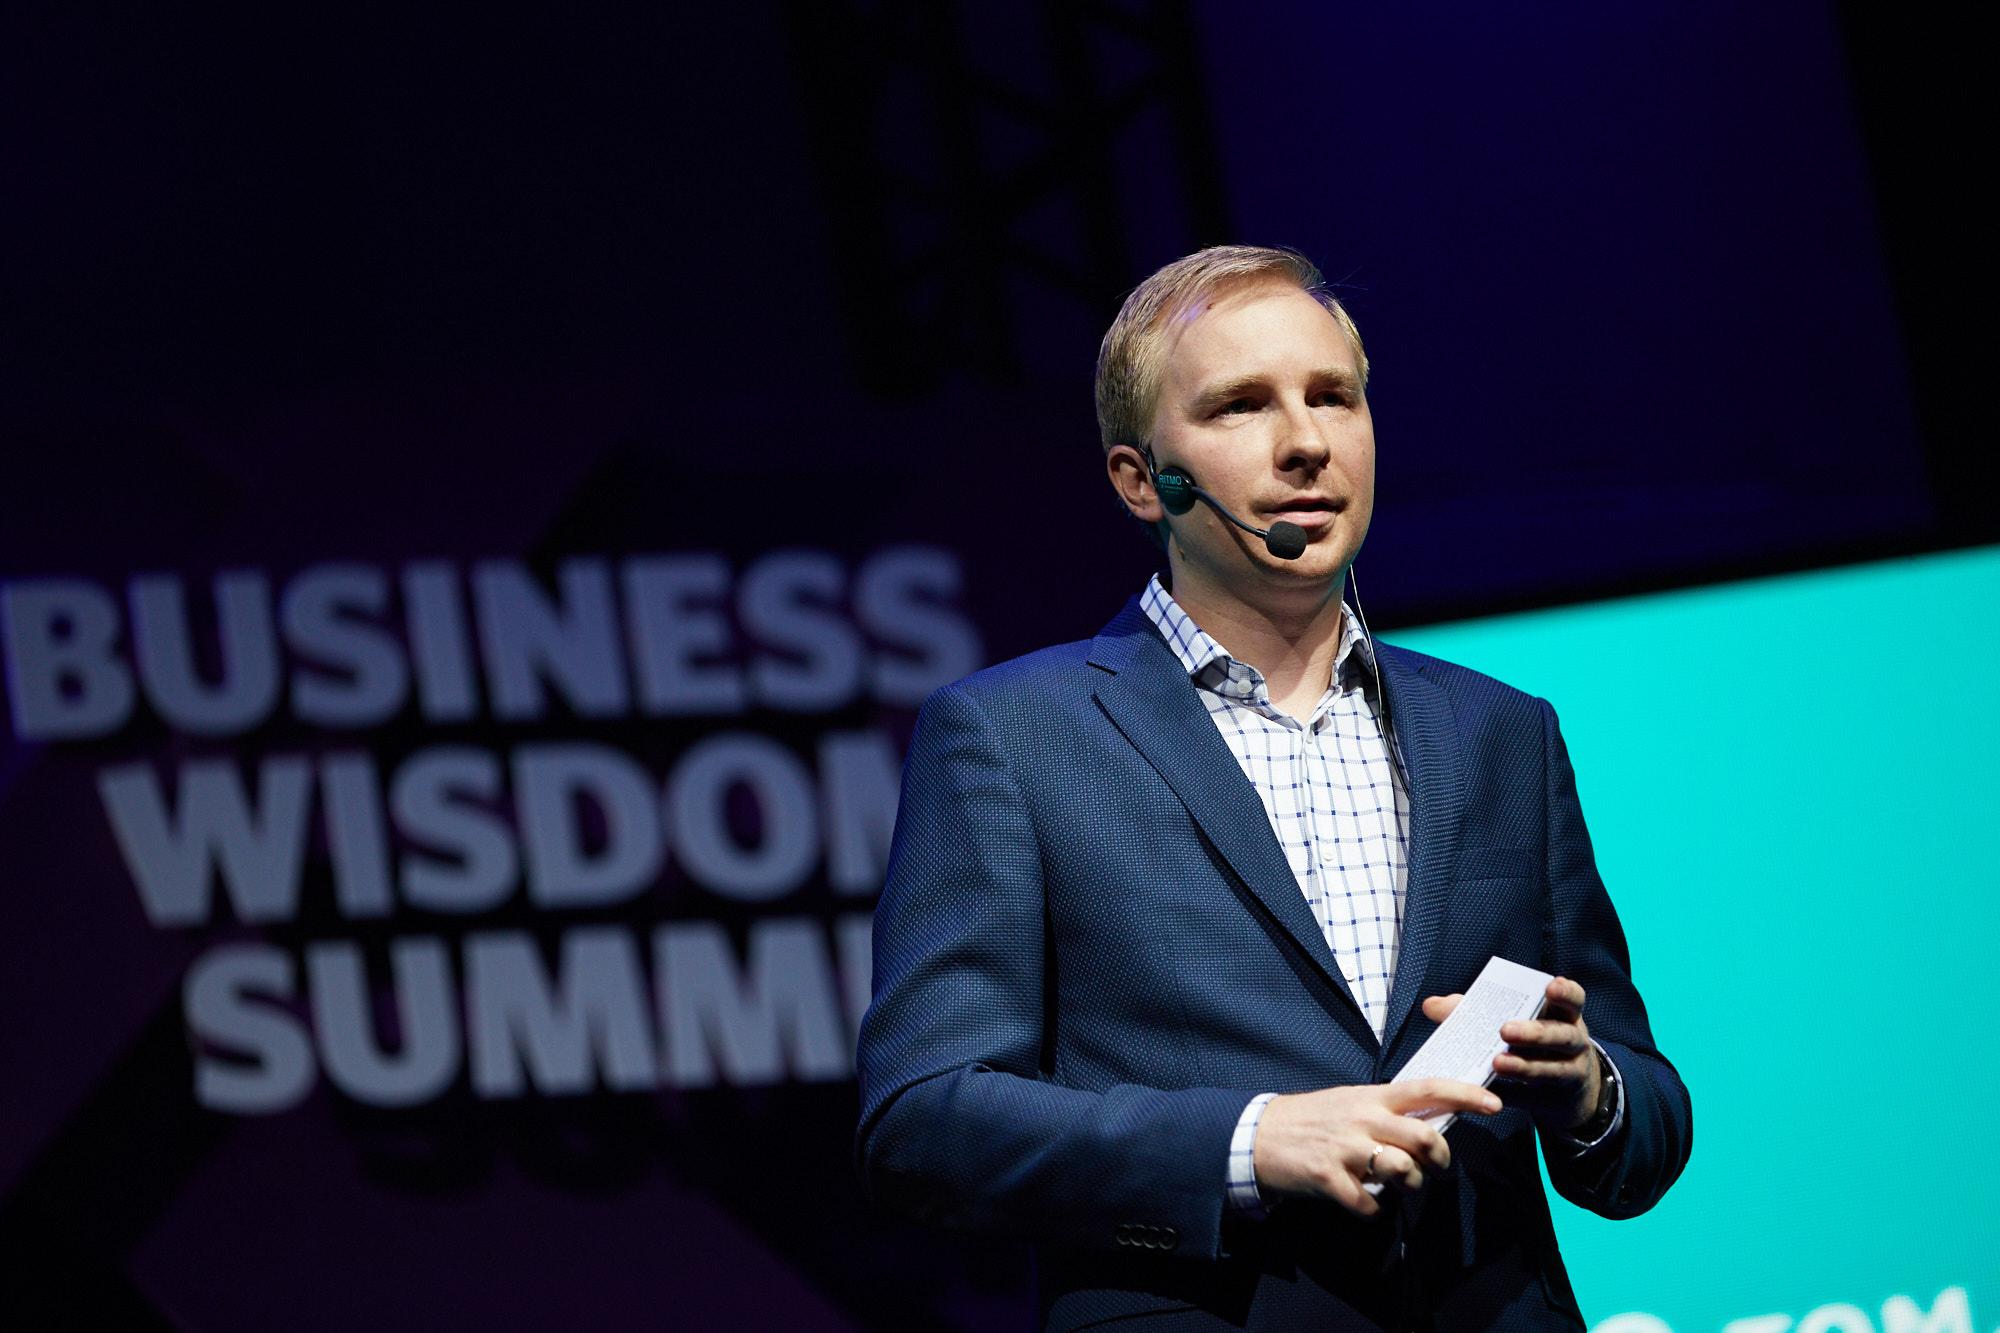 Андрей Булах: «Мы должны быстро меняться, чтобы быть успешными в будущем»